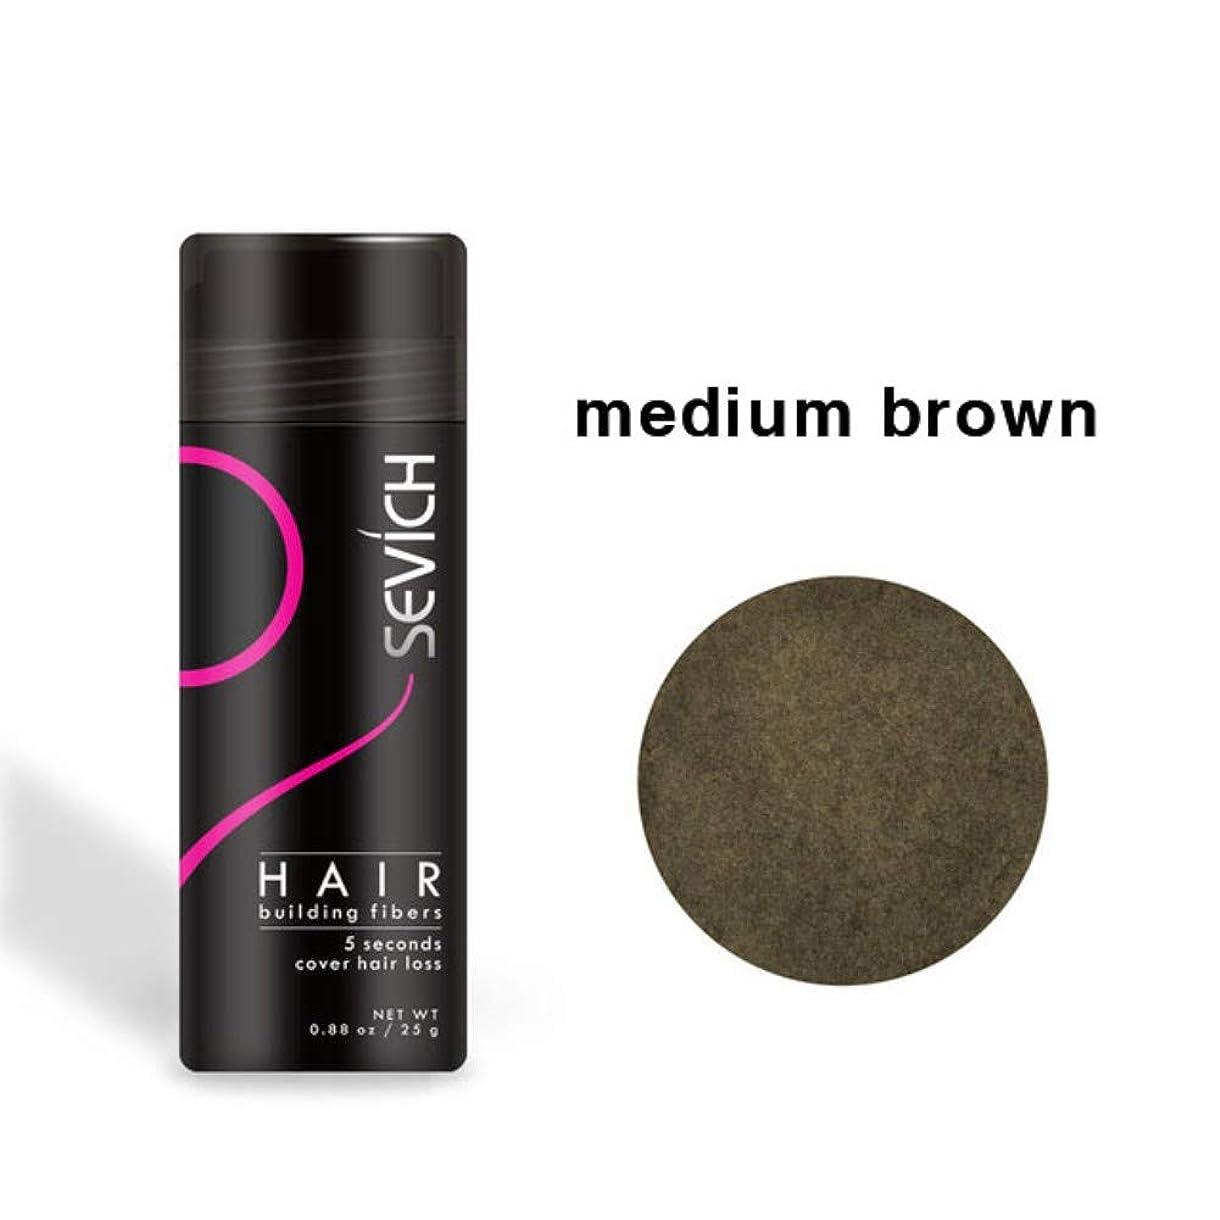 アーサージャンプする十二Cutelove ヘアビルディングファイバー 薄毛隠し ダークブラウンヘアビルディングファイバー ? ライトブラウンヘアービルディングファイバー ミディアムブラウンヘアービルディングファイバー ブロンドの髪を作る繊維 アプリケーターが付いている茶色の髪を作る繊維 ヘアビルディングファイバーホワイト